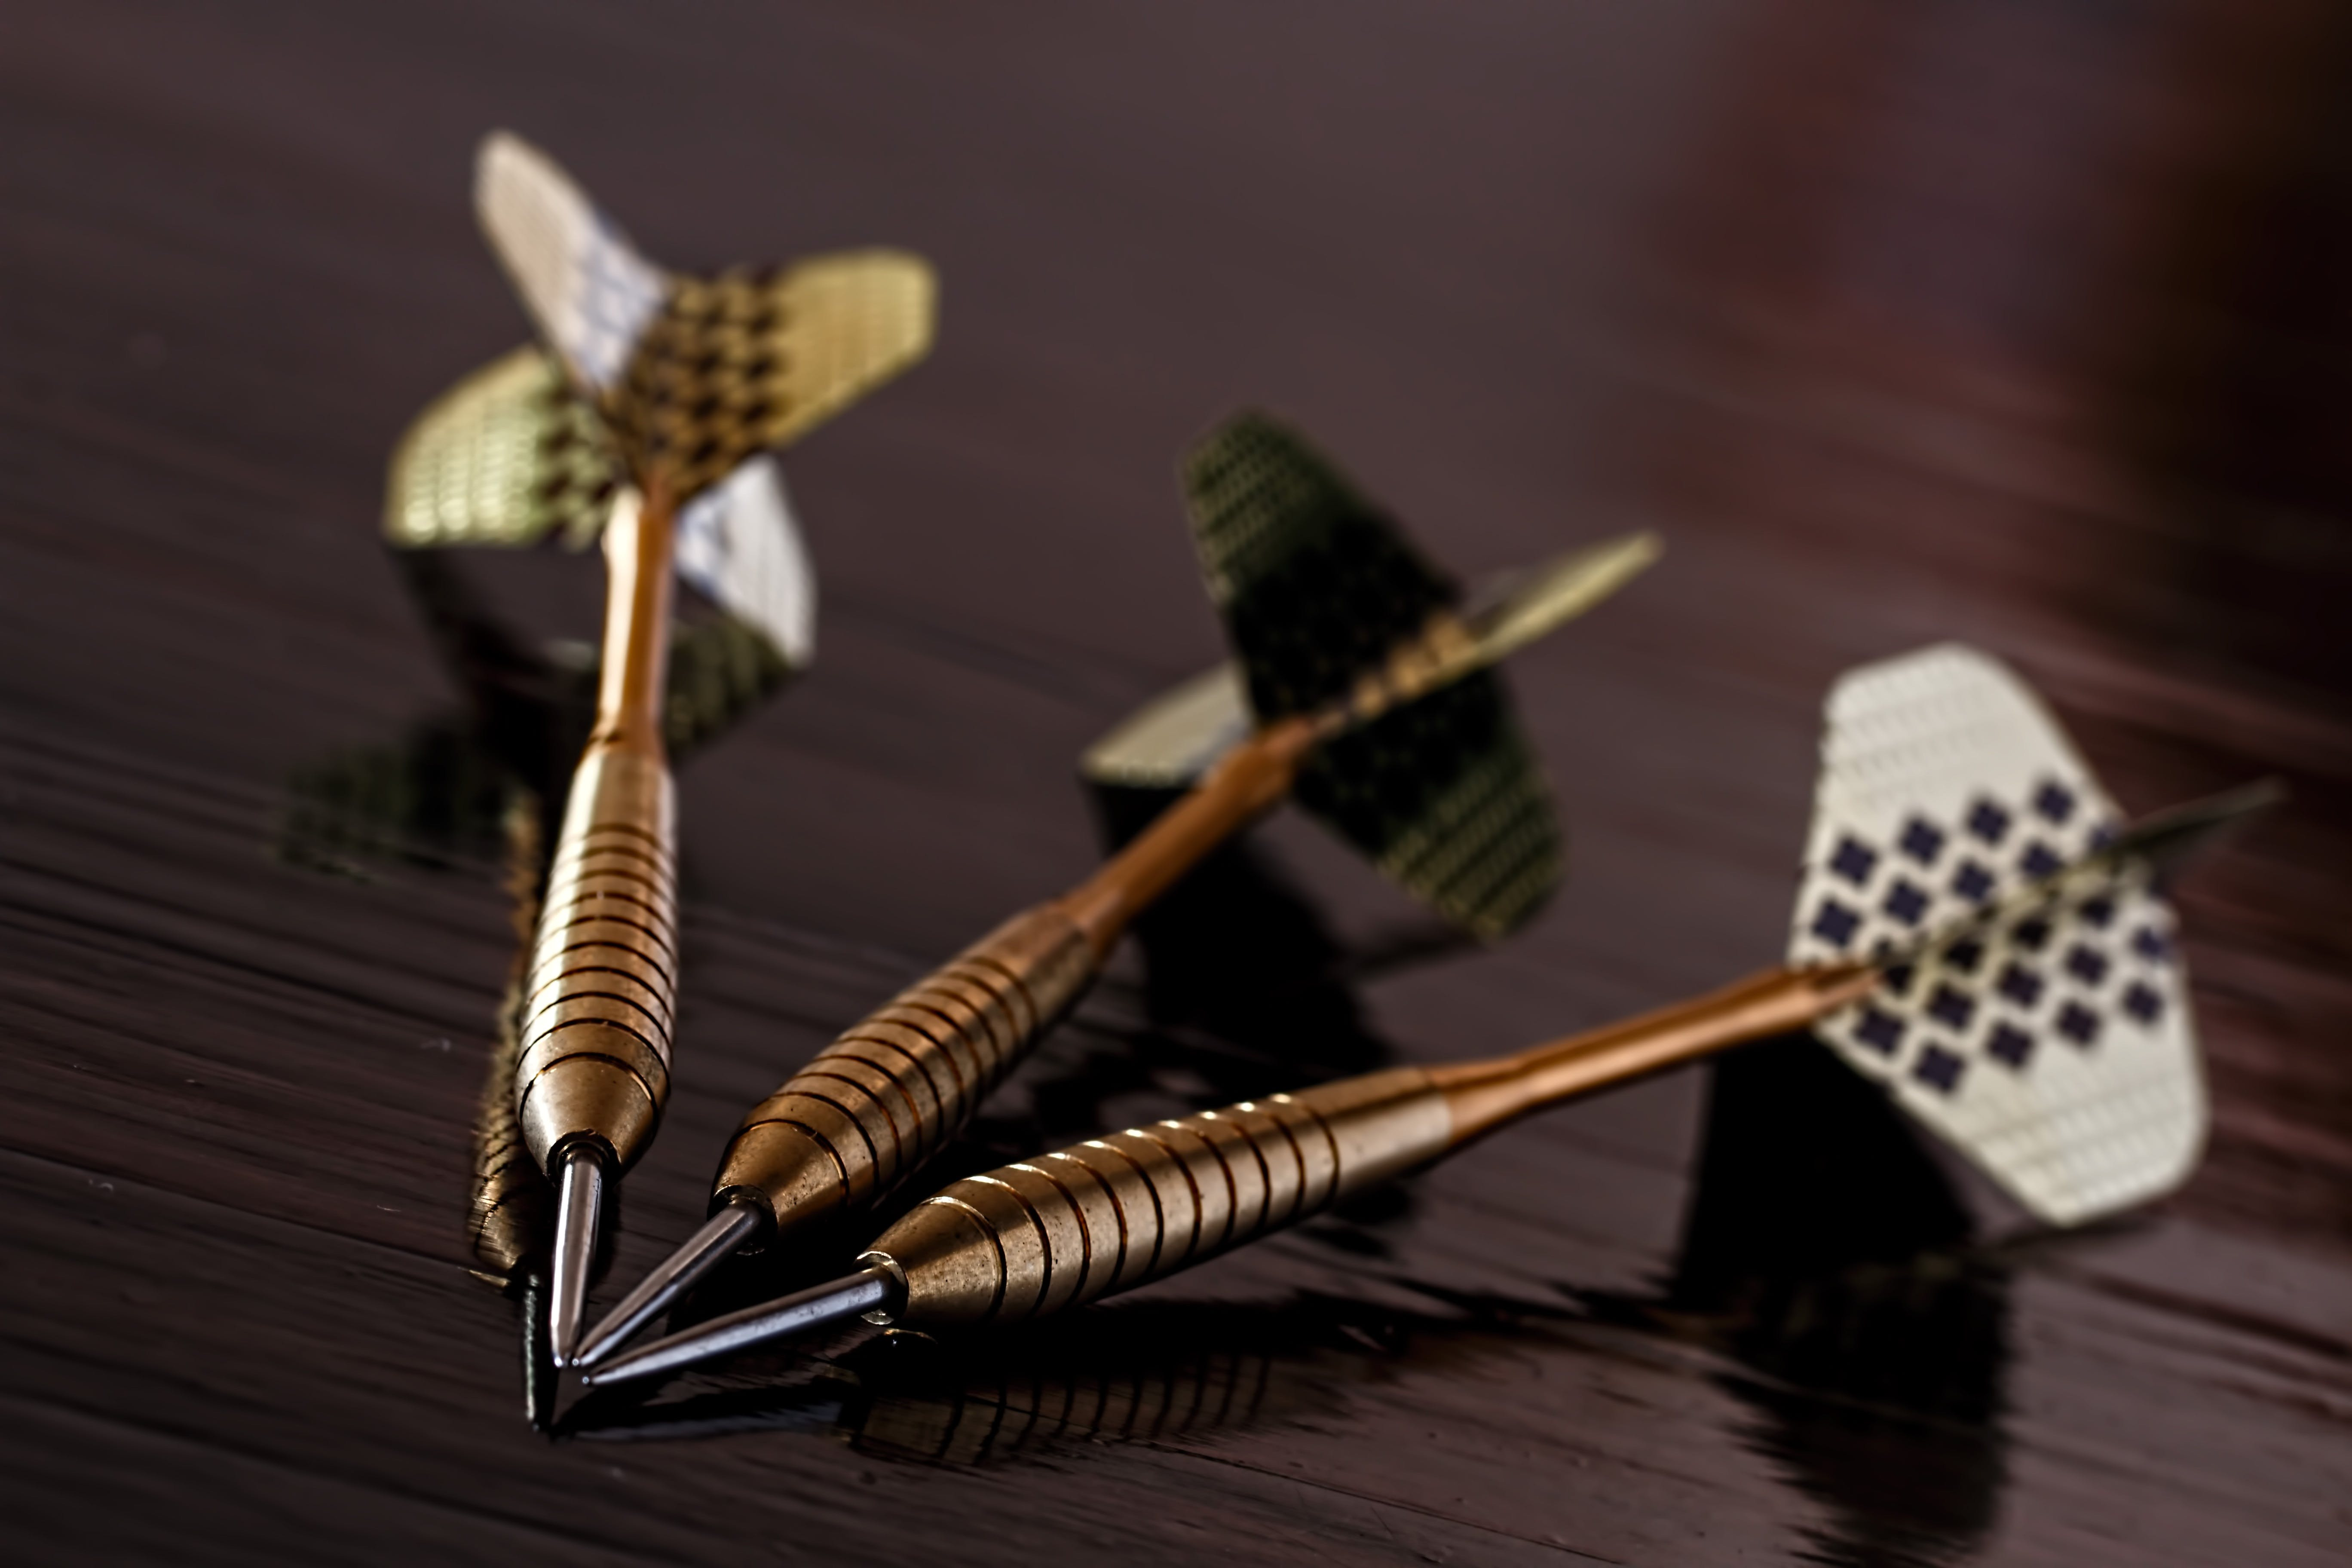 dart-pins, darts, fokus